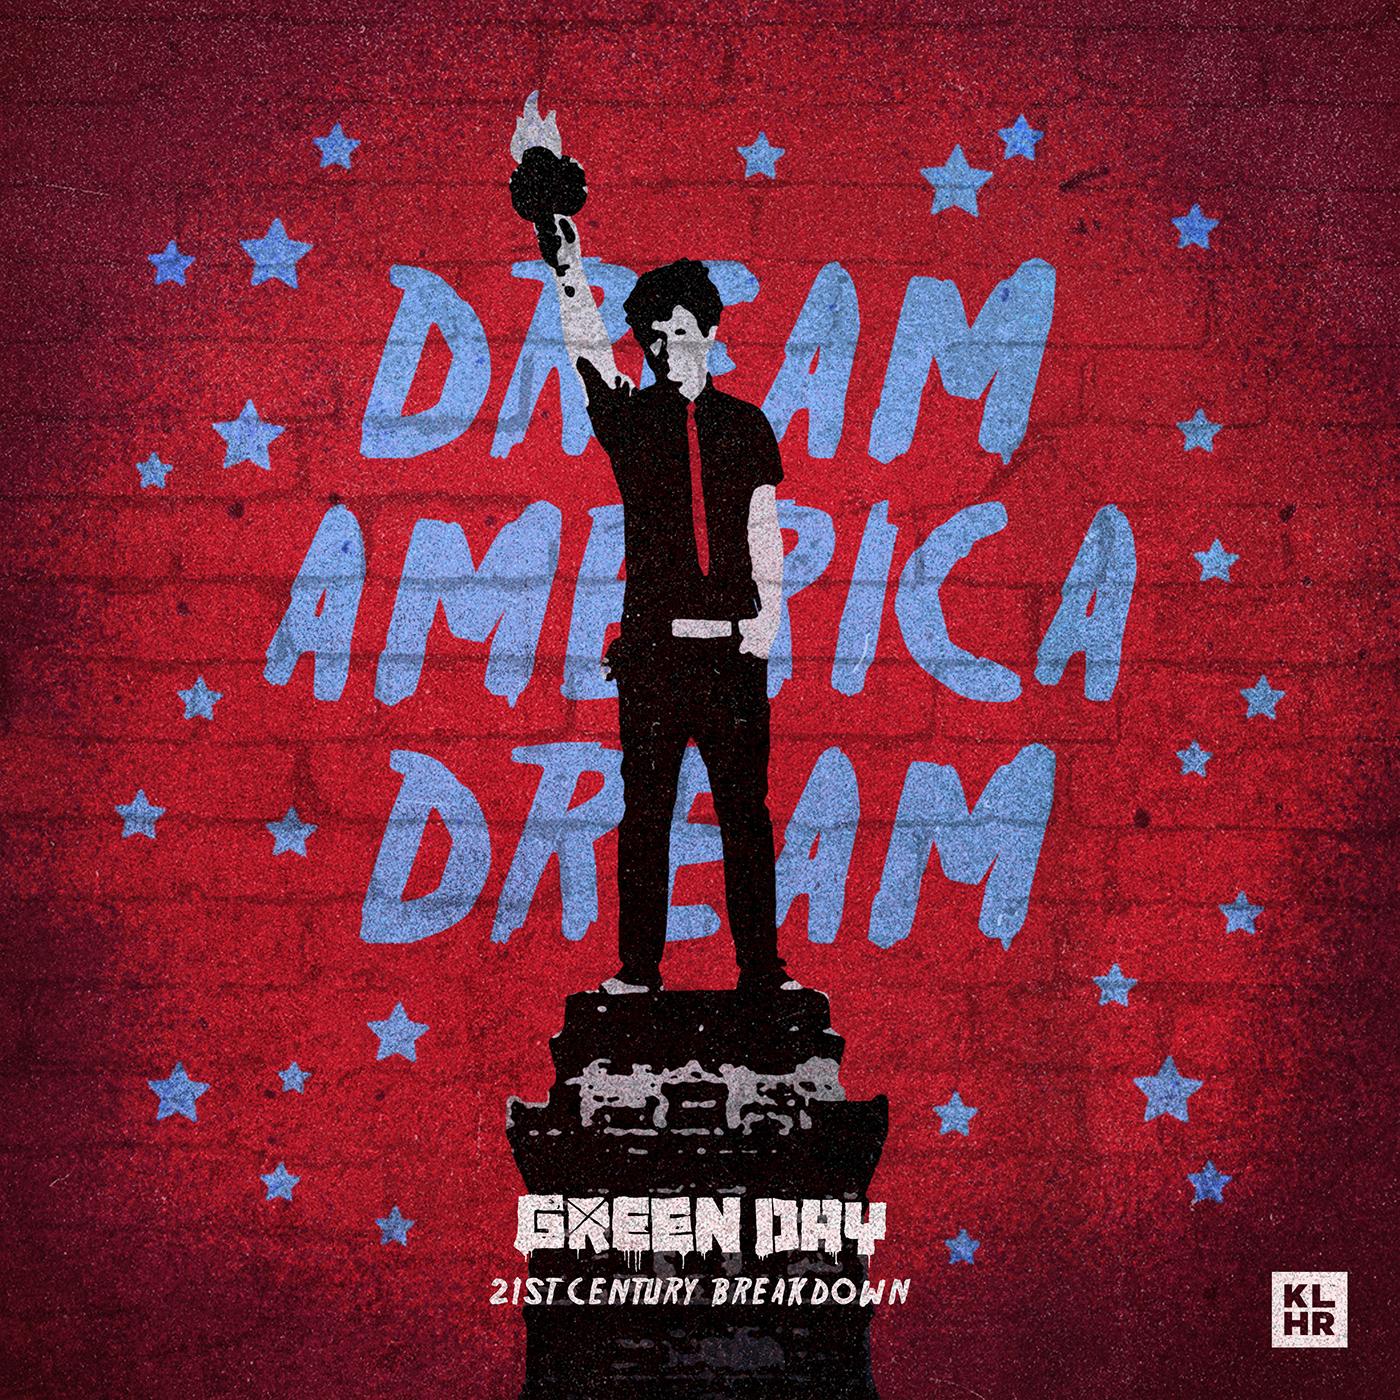 Green day lyrics bisexual